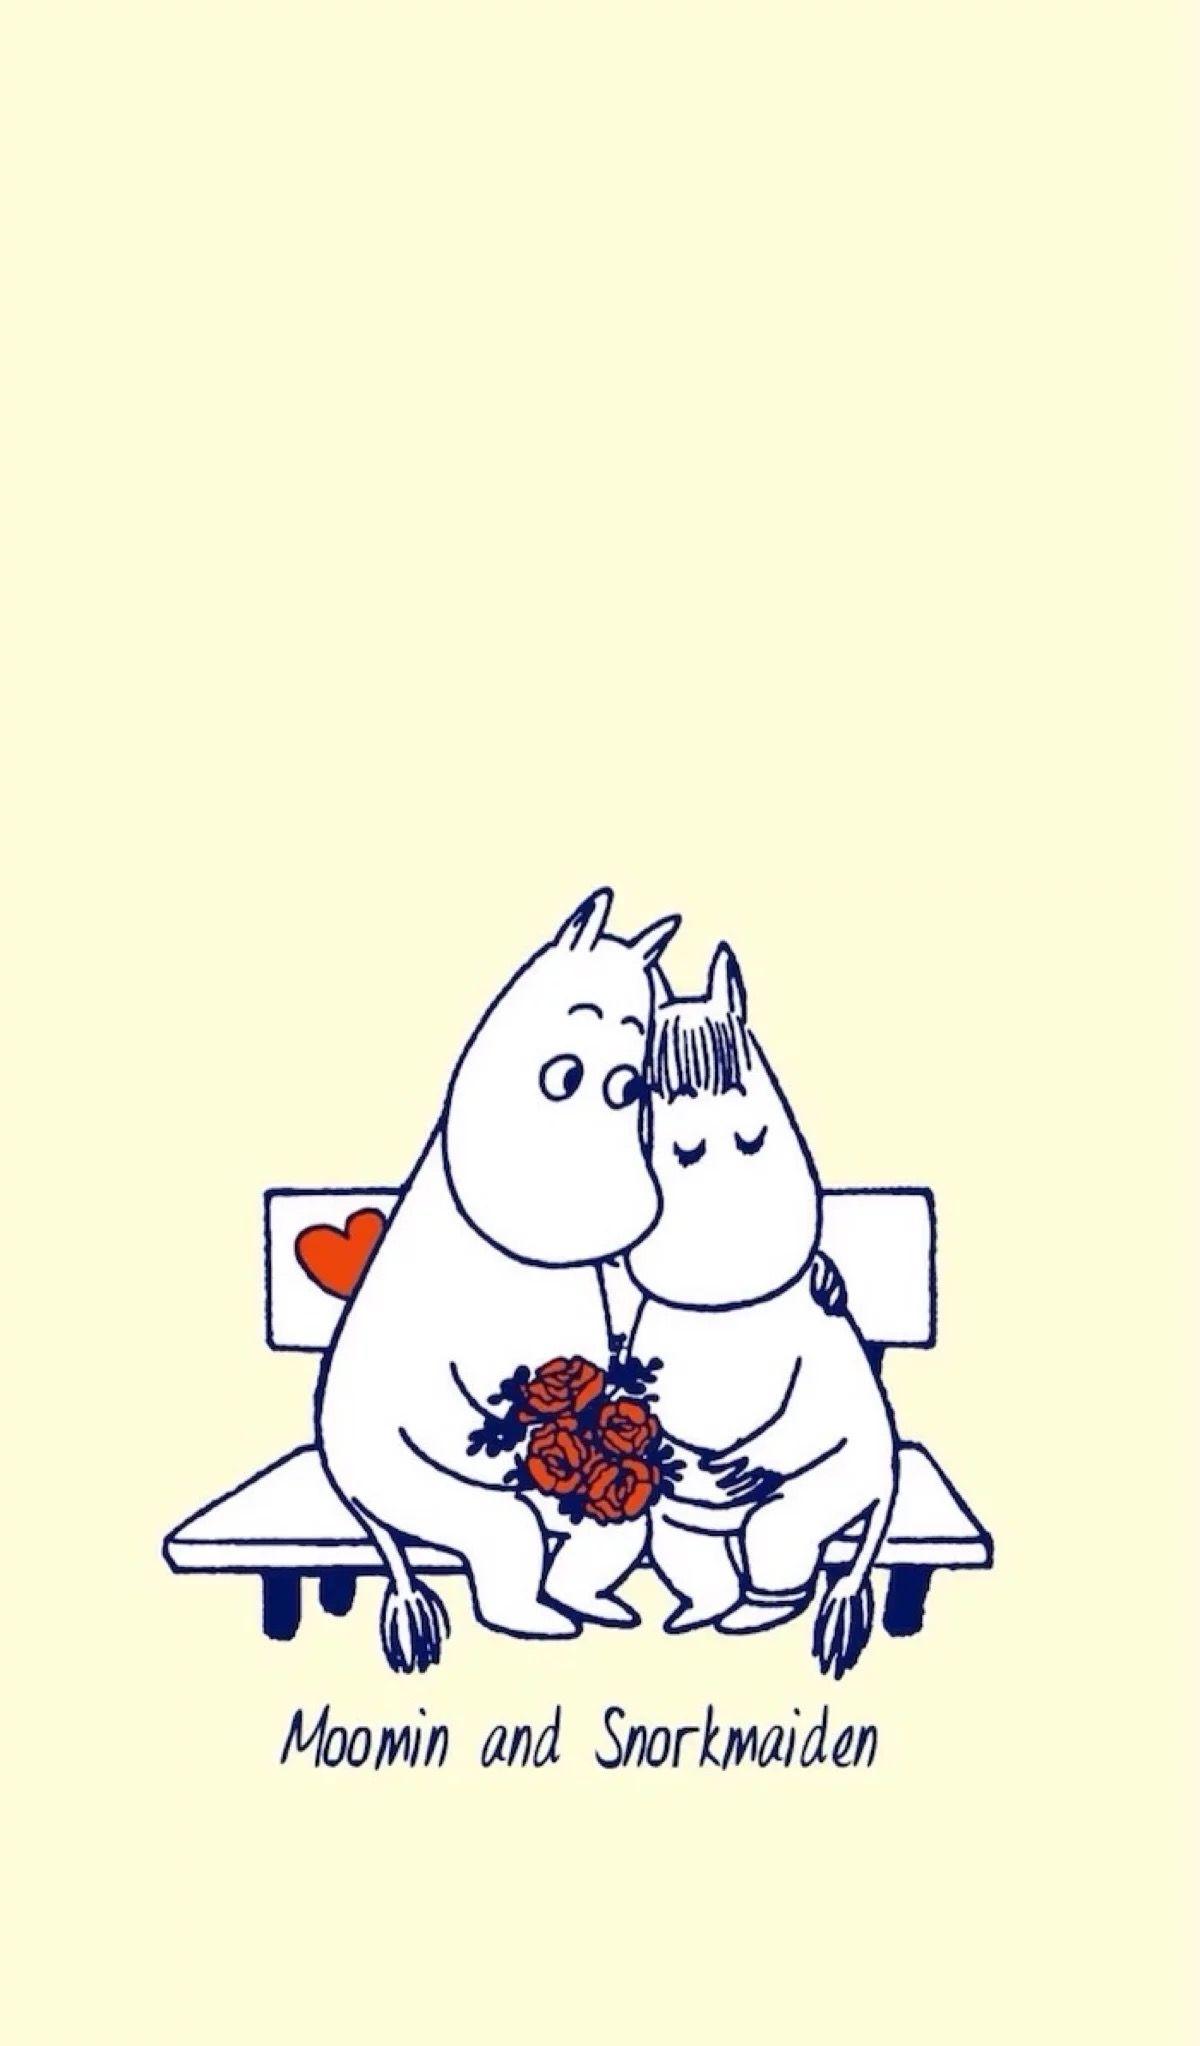 Moomin Wallpaper おしゃれまとめの人気アイデア Pinterest Khanitta Thansumrong ムーミン イラスト ムーミン 壁紙 トーベ ヤンソン